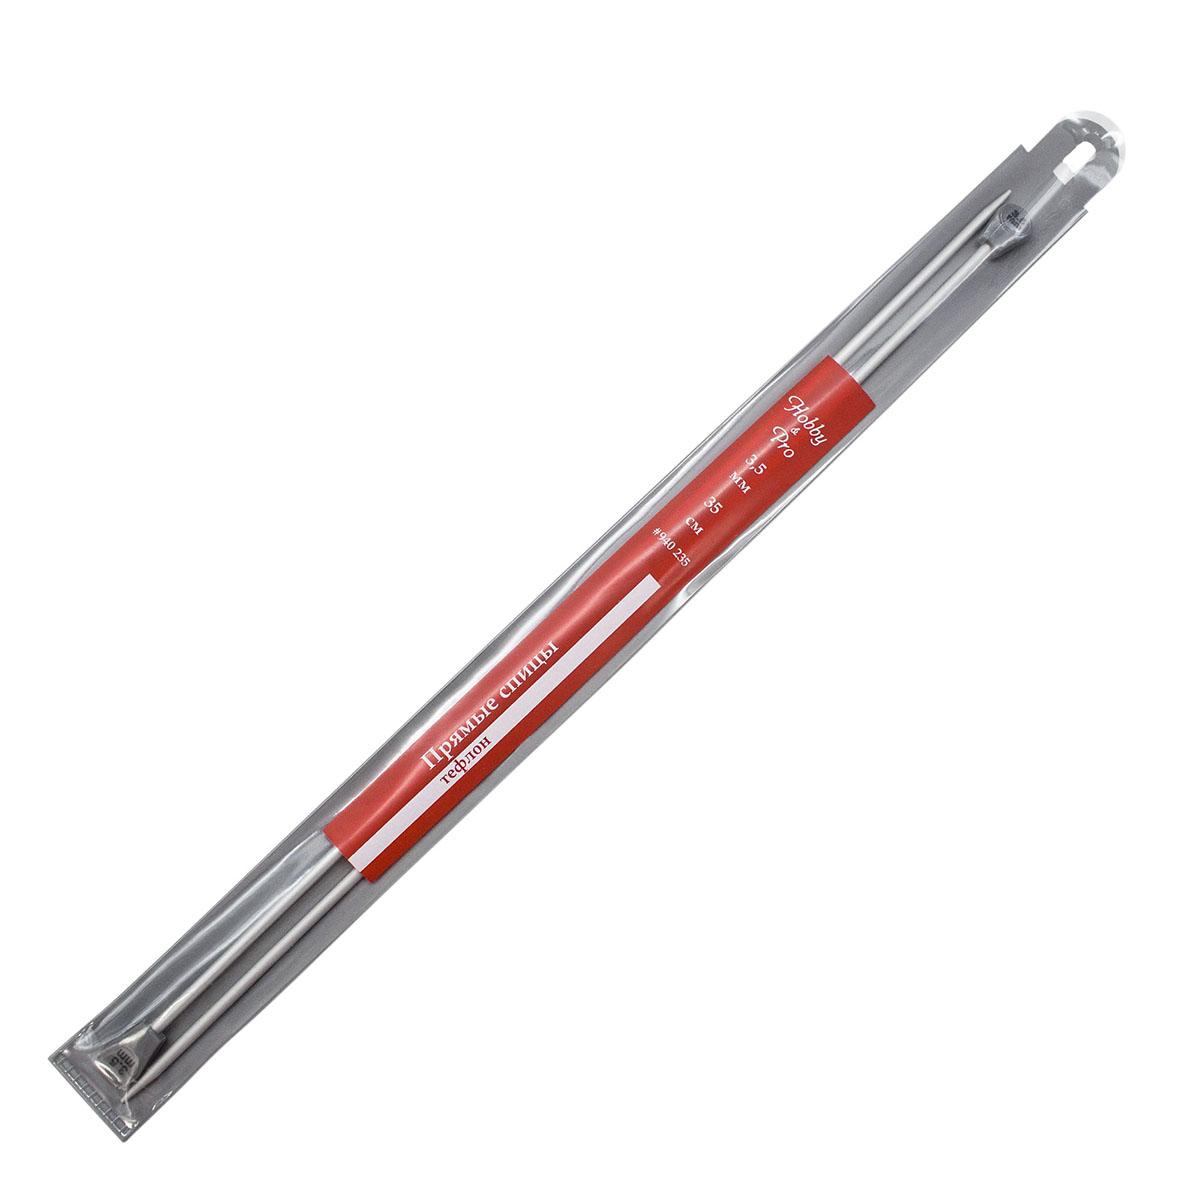 Спицы прямые алюминиевые с покрытием 940235, 35 см, 3,5 мм, Hobby&Pro